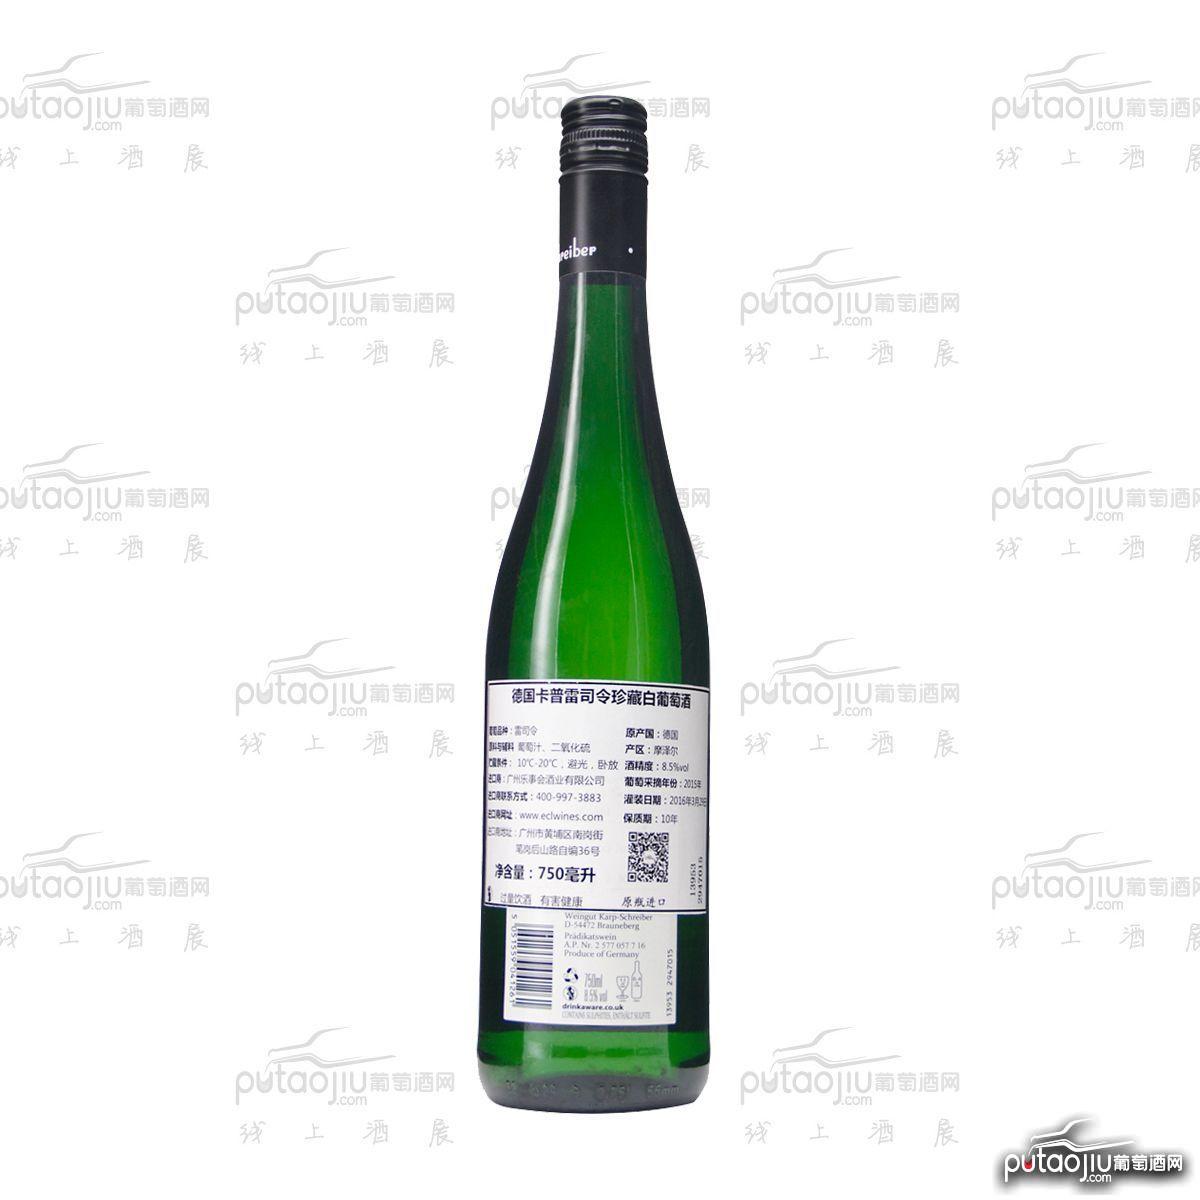 德国摩泽尔Karp Schreiber 酒庄雷司令卡普珍藏干白葡萄酒